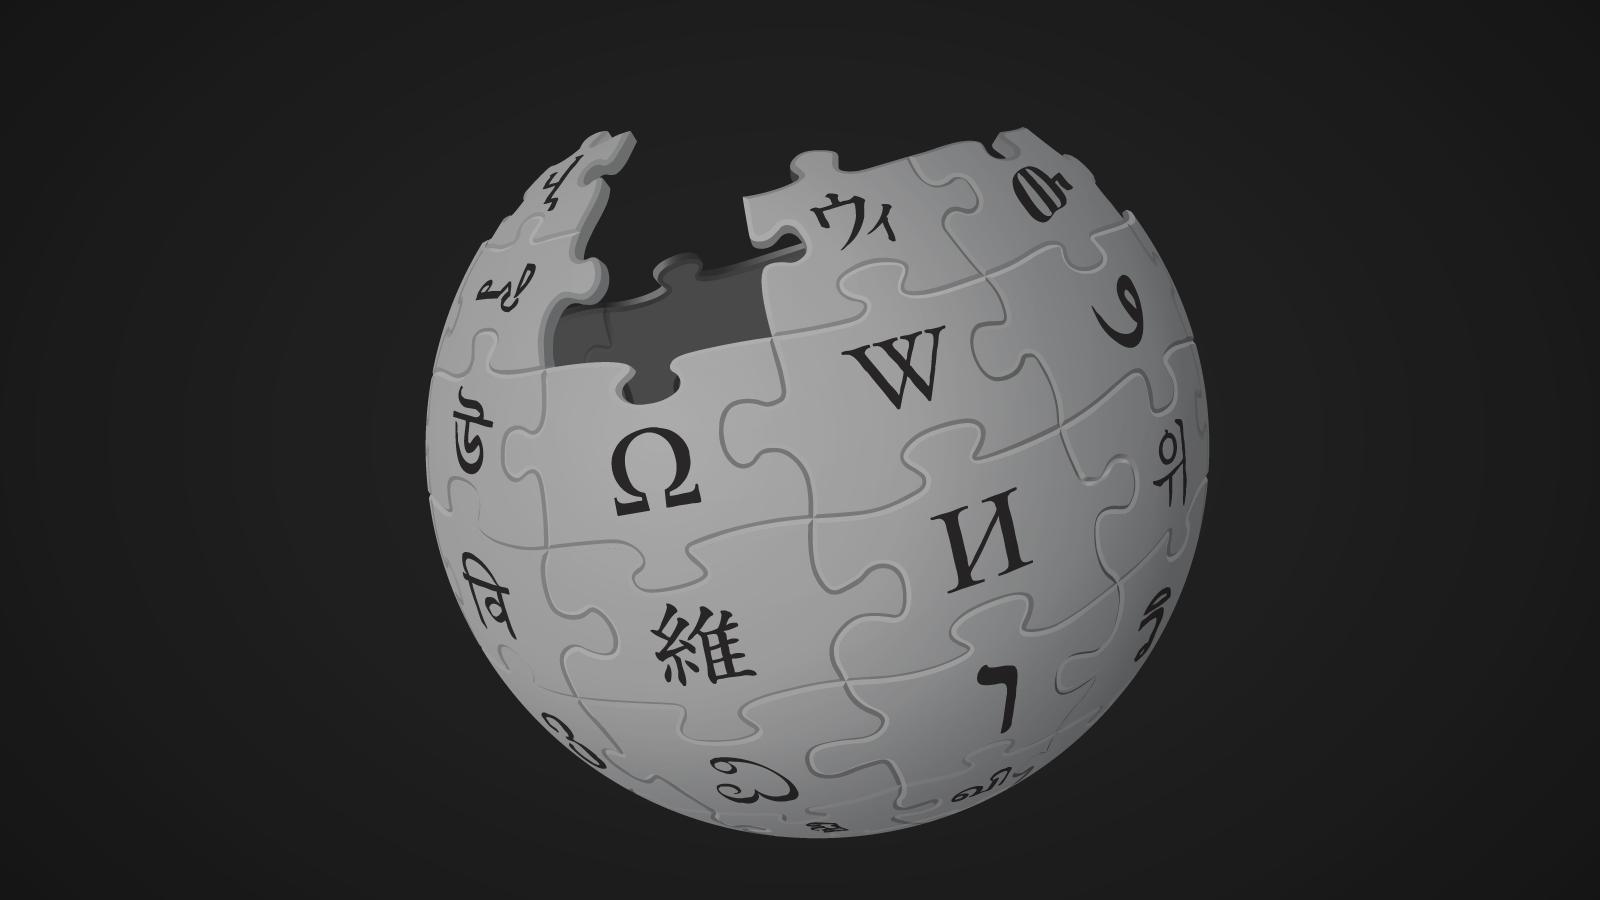 Wikipdia em baixo em protesto contra os artigos 13 e 11 stopboris Choice Image